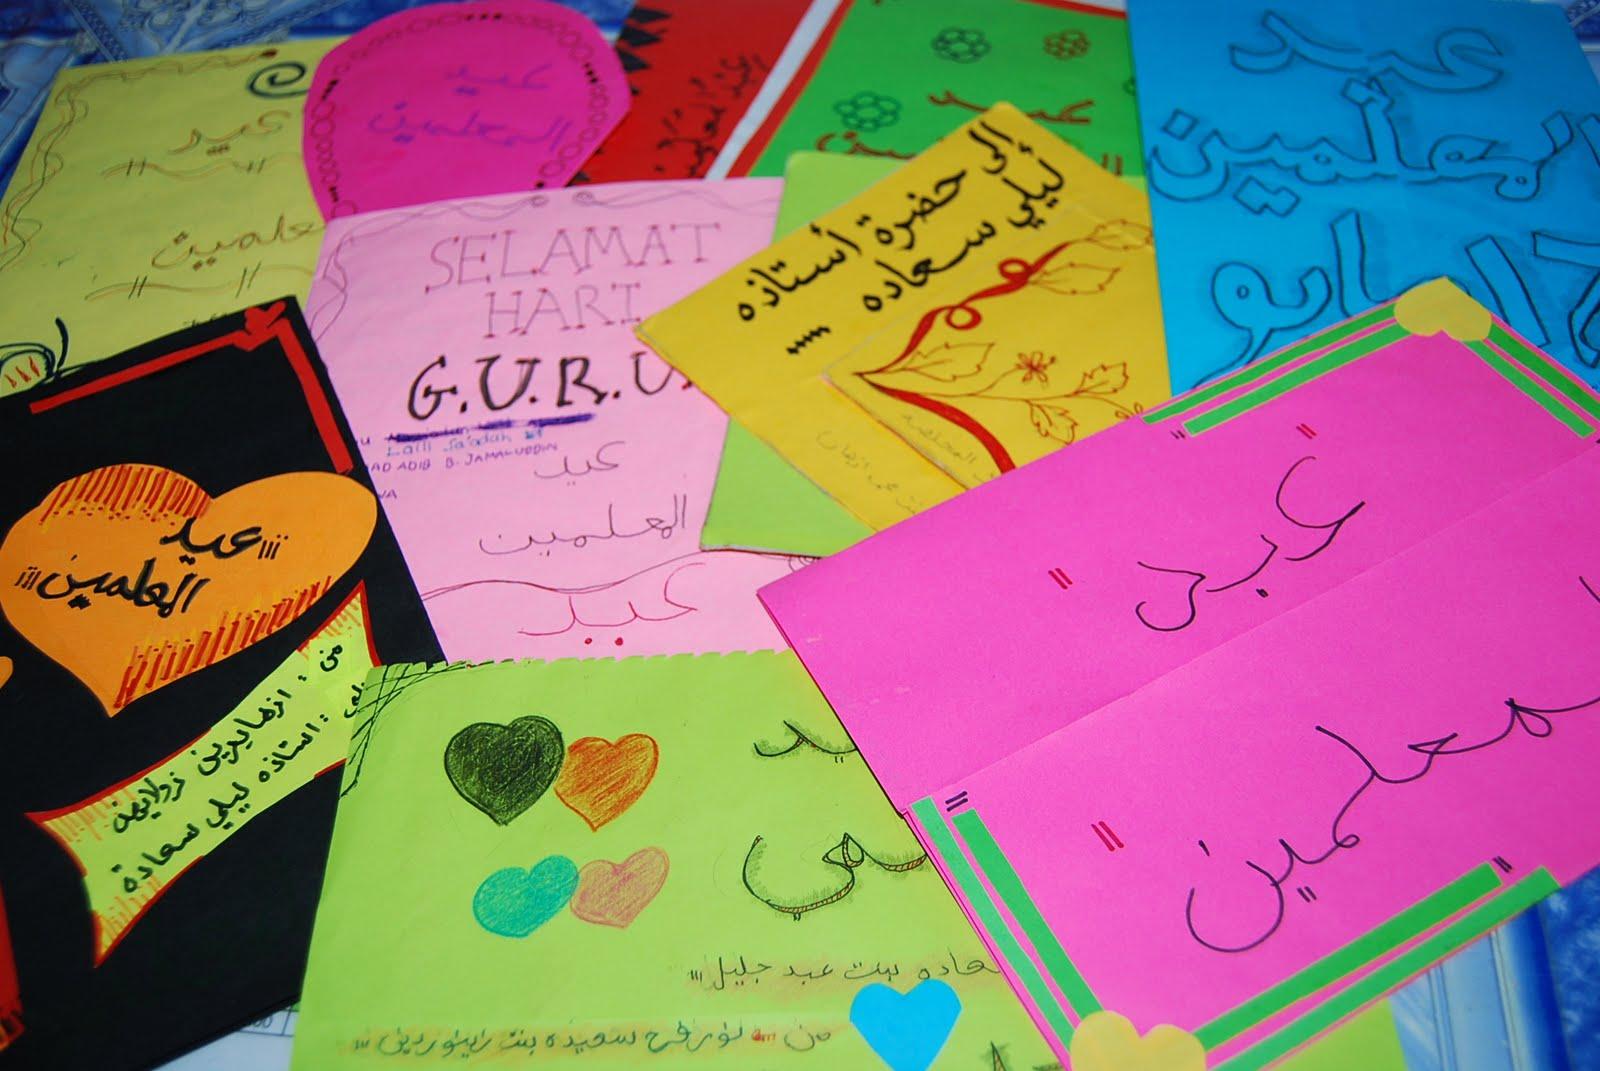 Selamat Hari Guru Dalam Bahasa Arab San Coiy